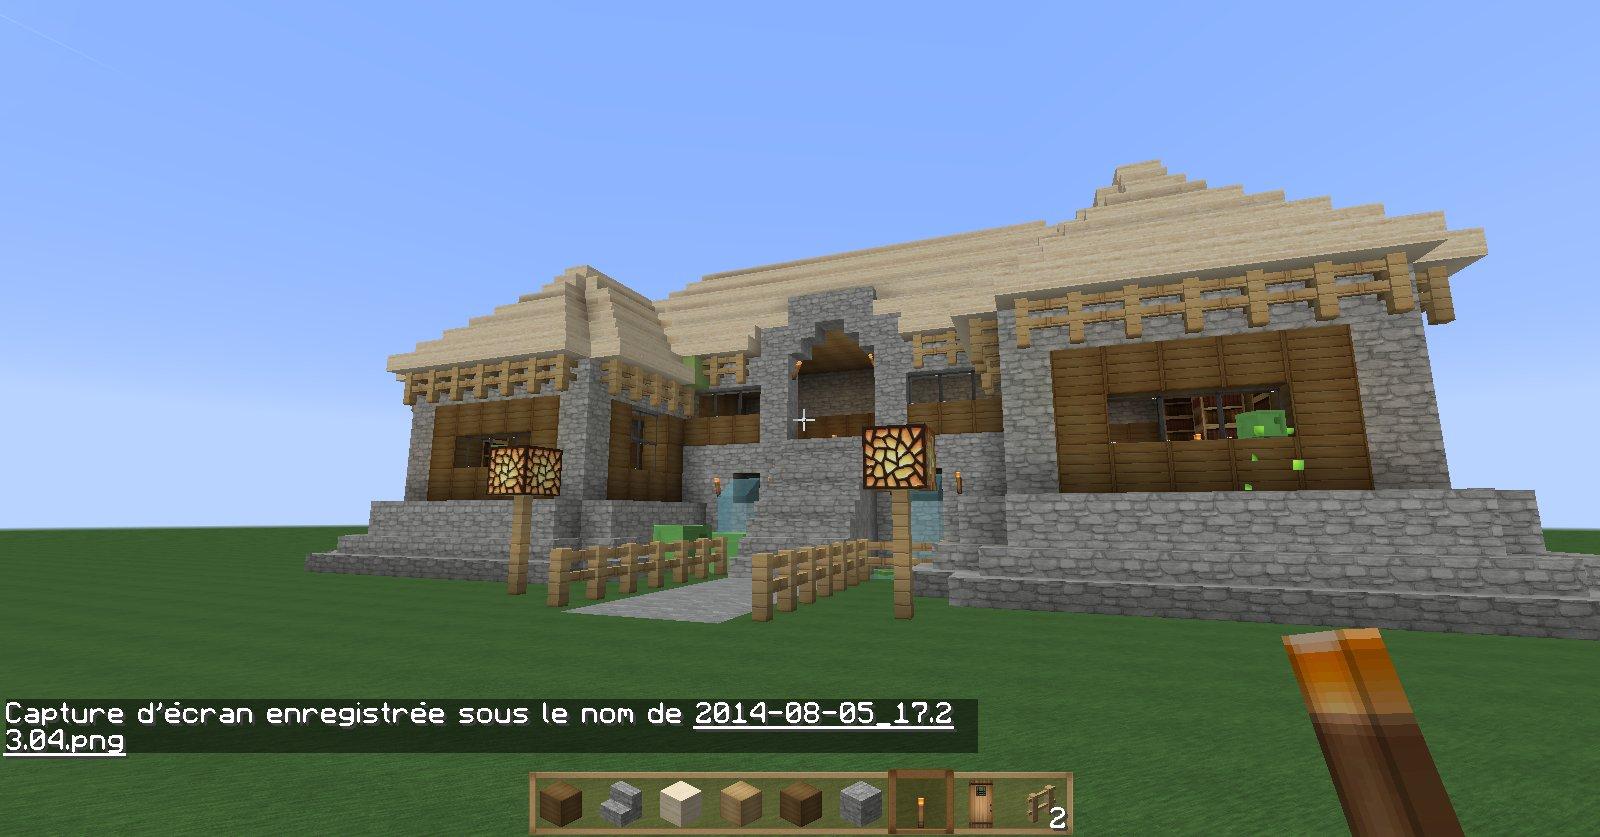 Projet village asiatique. C0896fbe-8095-43ba-a077-84e9d1fecc98